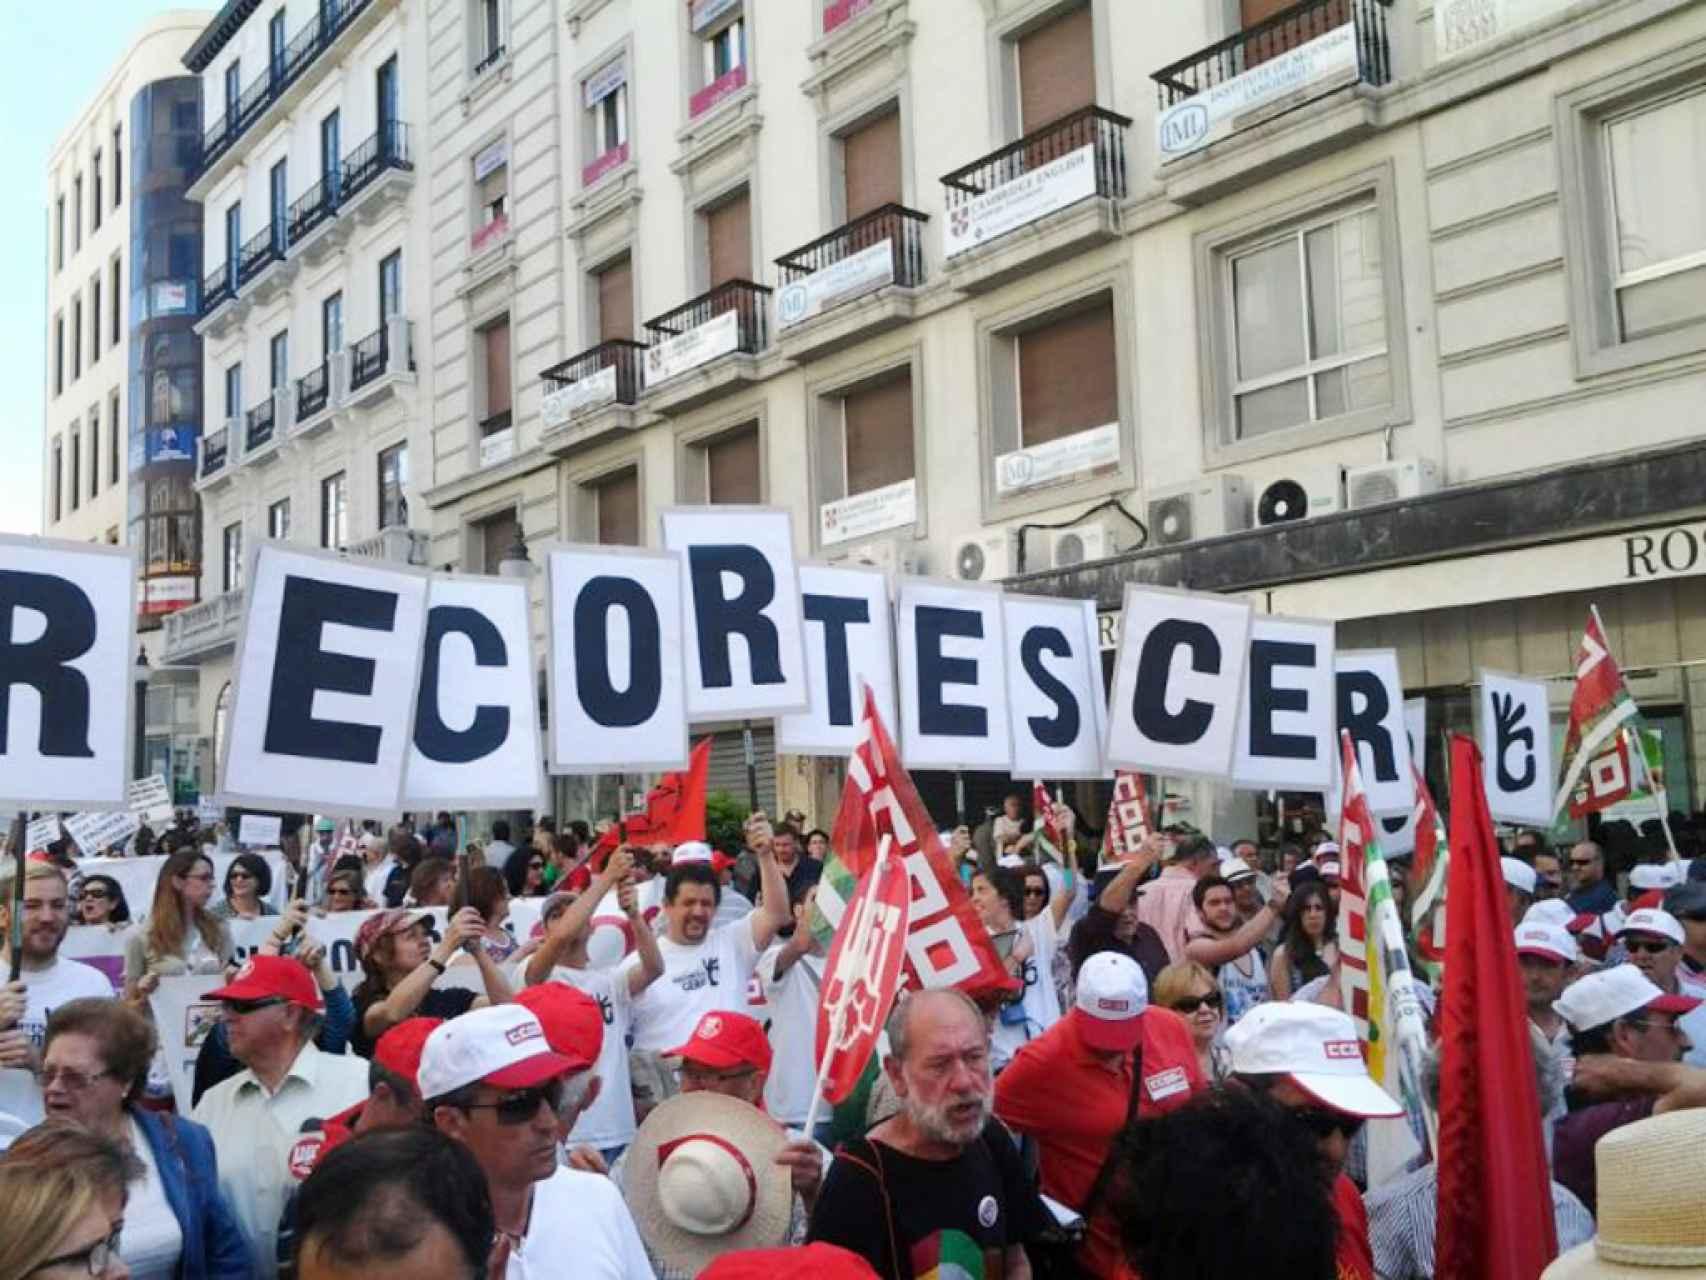 Concentración de Recortes Cero.